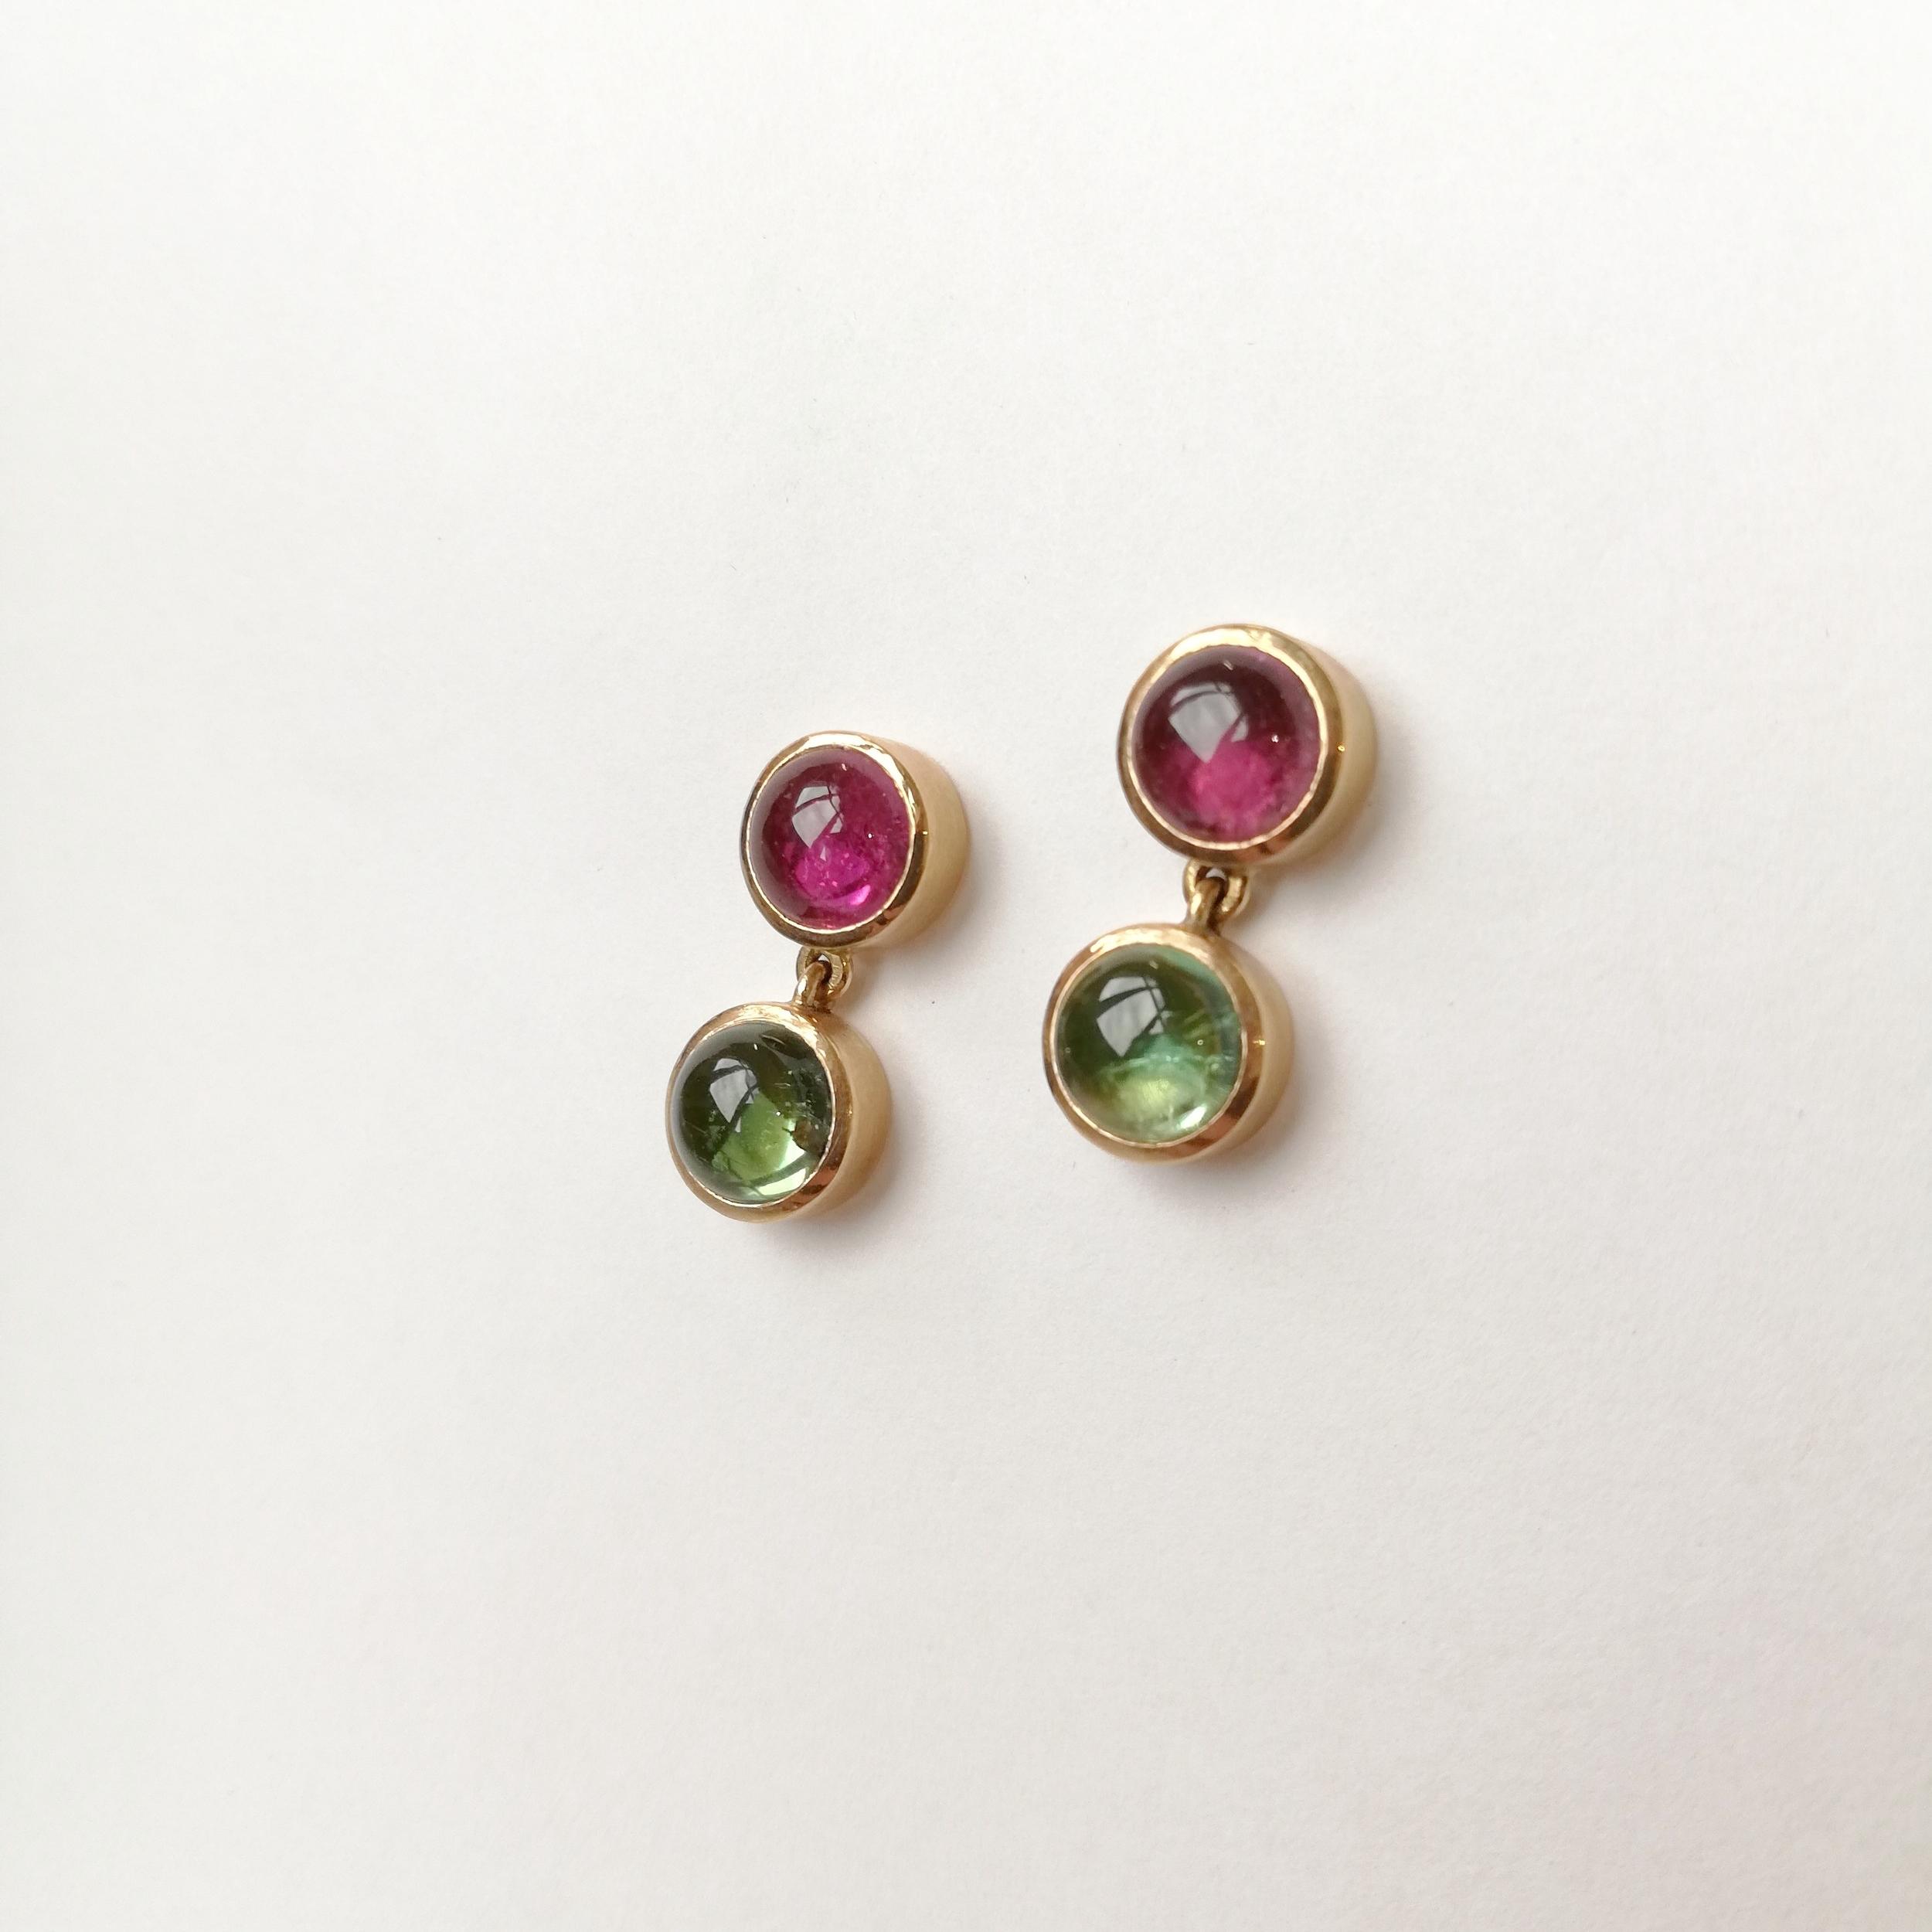 Ohrschmuck No.1 - Turmaline pink & grün / Roségold 750 Fr. 1890.00auch mit anderen Farbsteinen erhältlich,Preise variierend